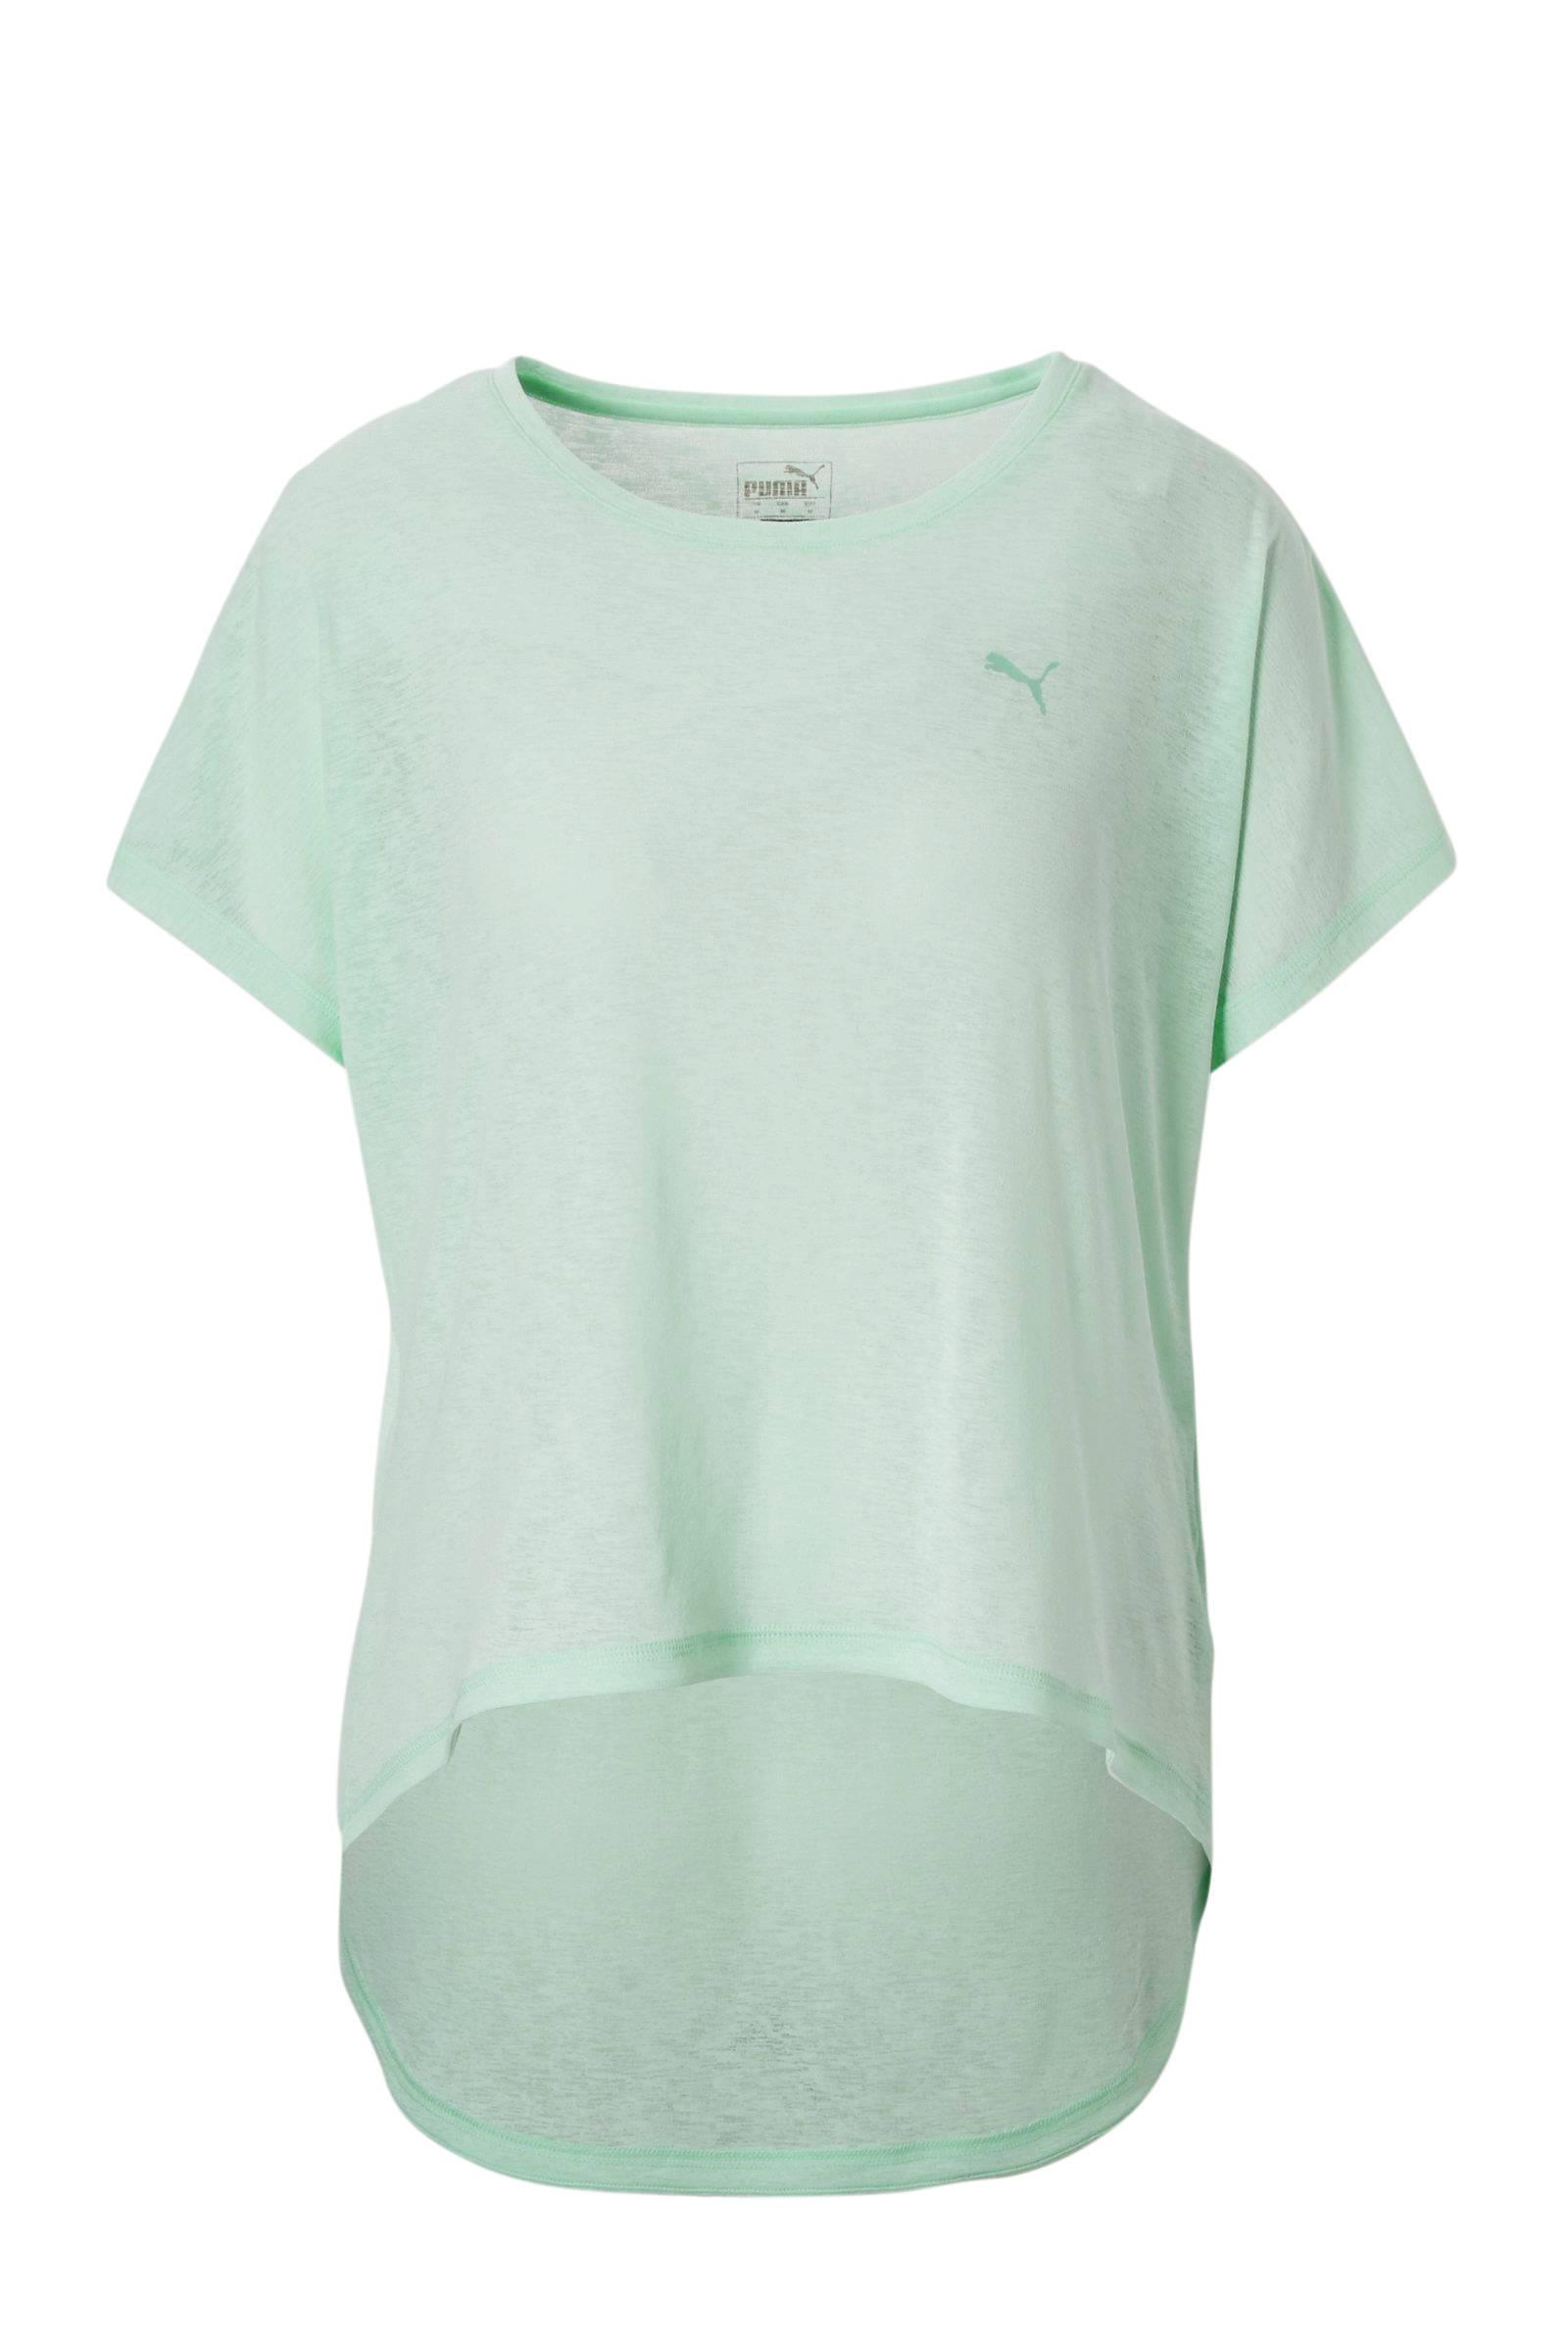 c657c525 puma-sport-t-shirt-mintgroen-mintgroen-4060978437624.jpg